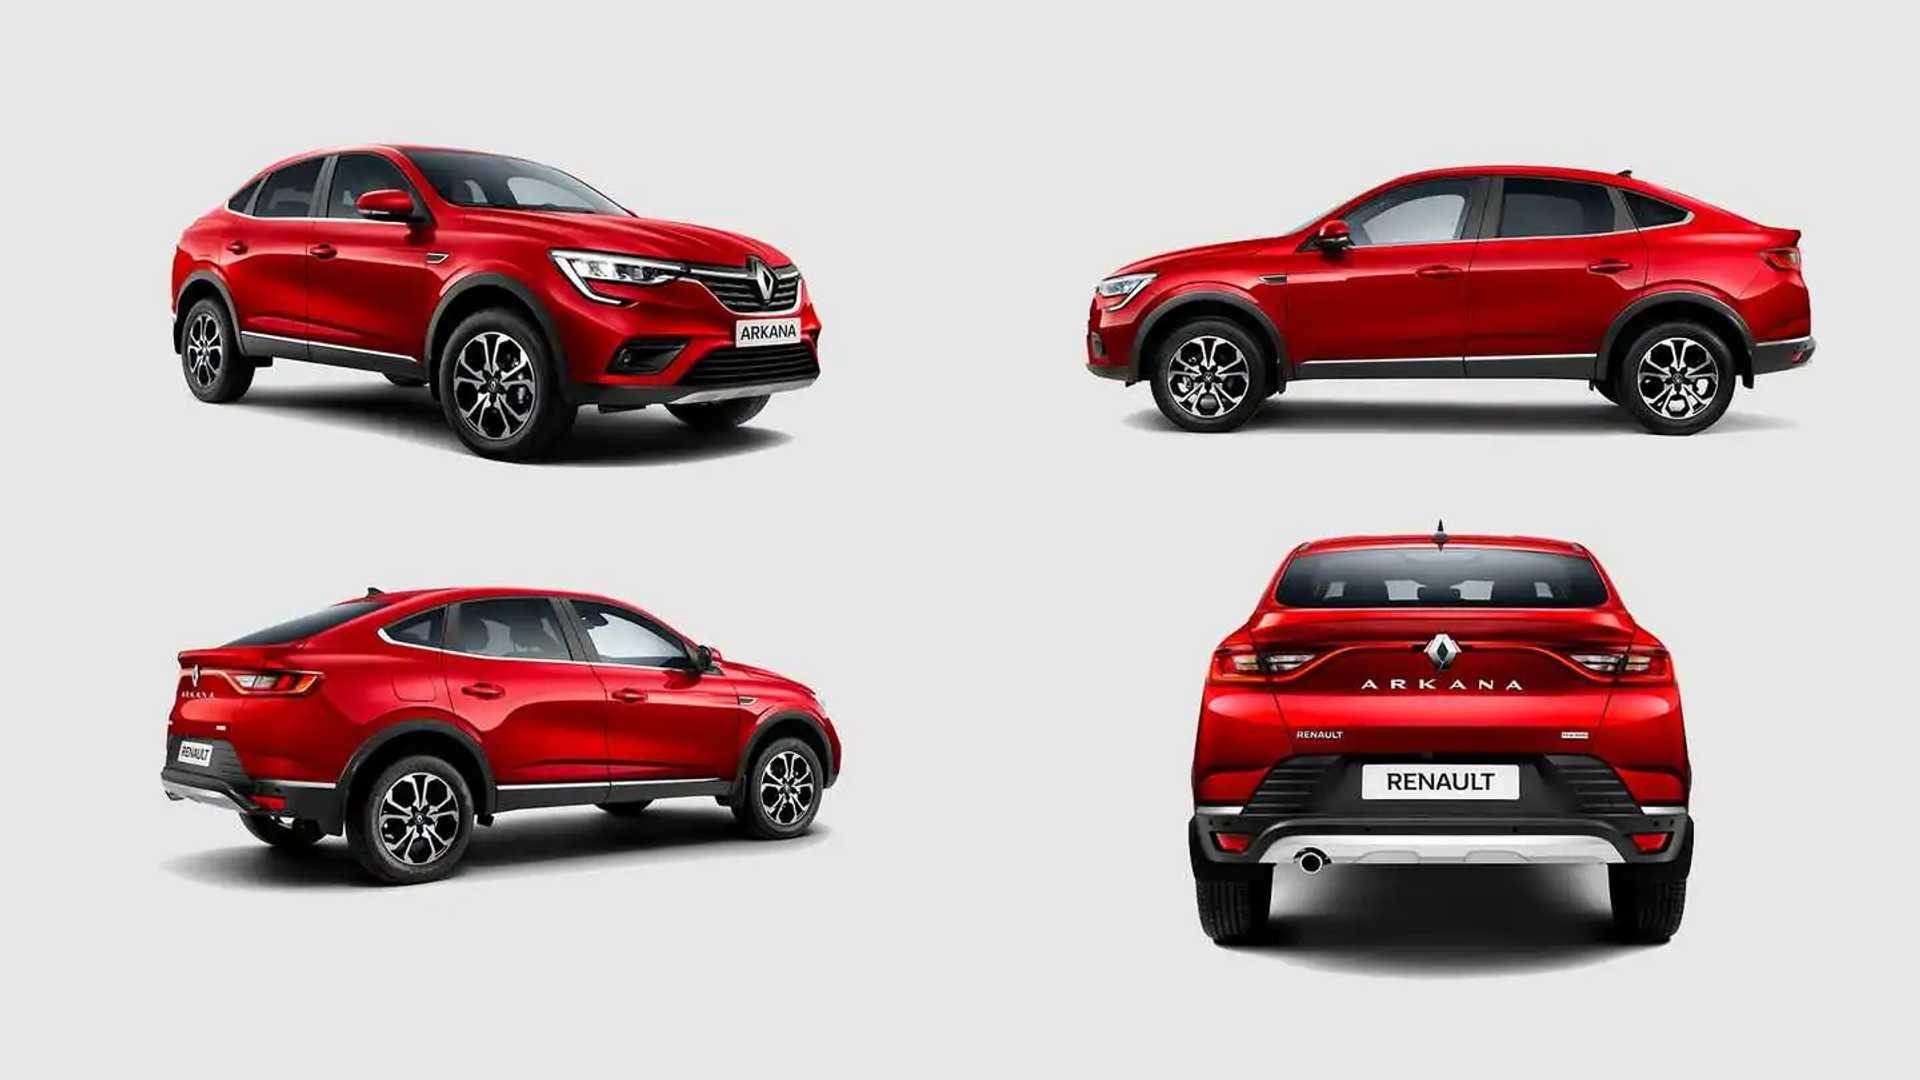 СЛАЙД-ШОУ о новом Renault Arkana: пока 100 машин за 1,4 миллиона